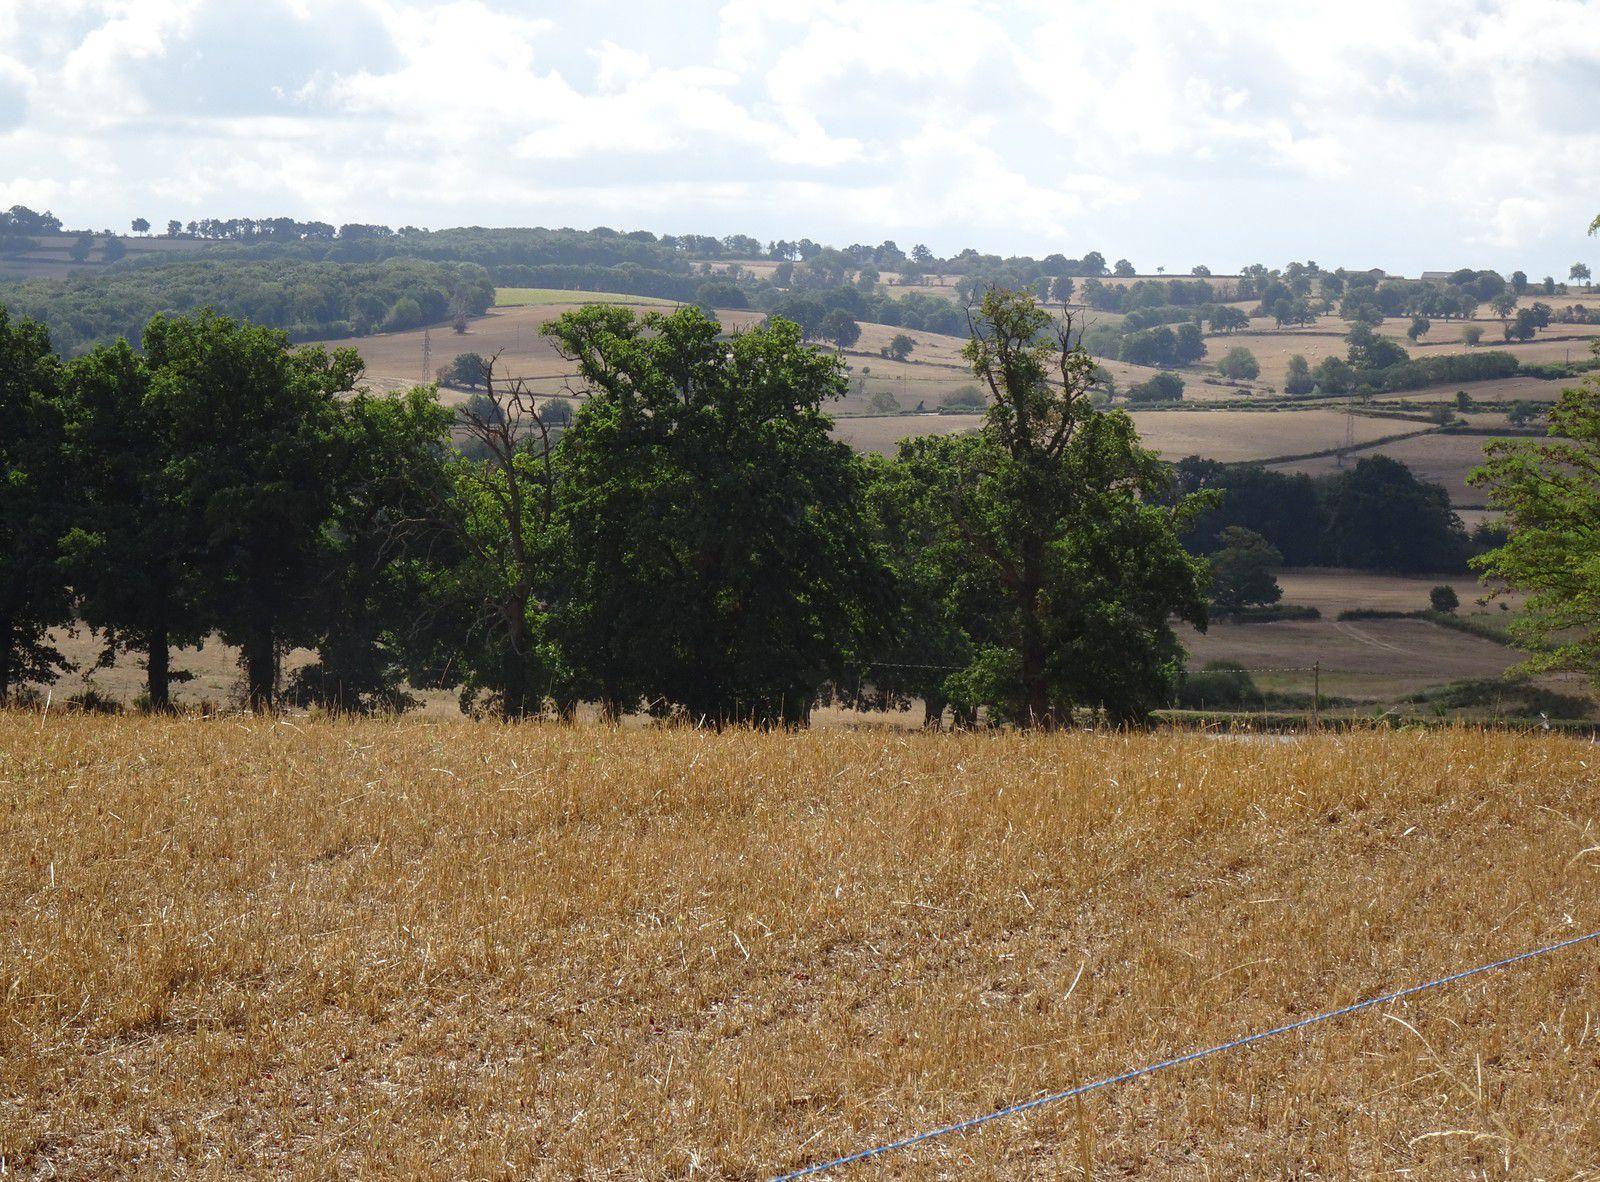 Le Tour de Bourgogne - Etape 7 - Bourbon-Lancy/Cercy-la-tour - 69,3 km